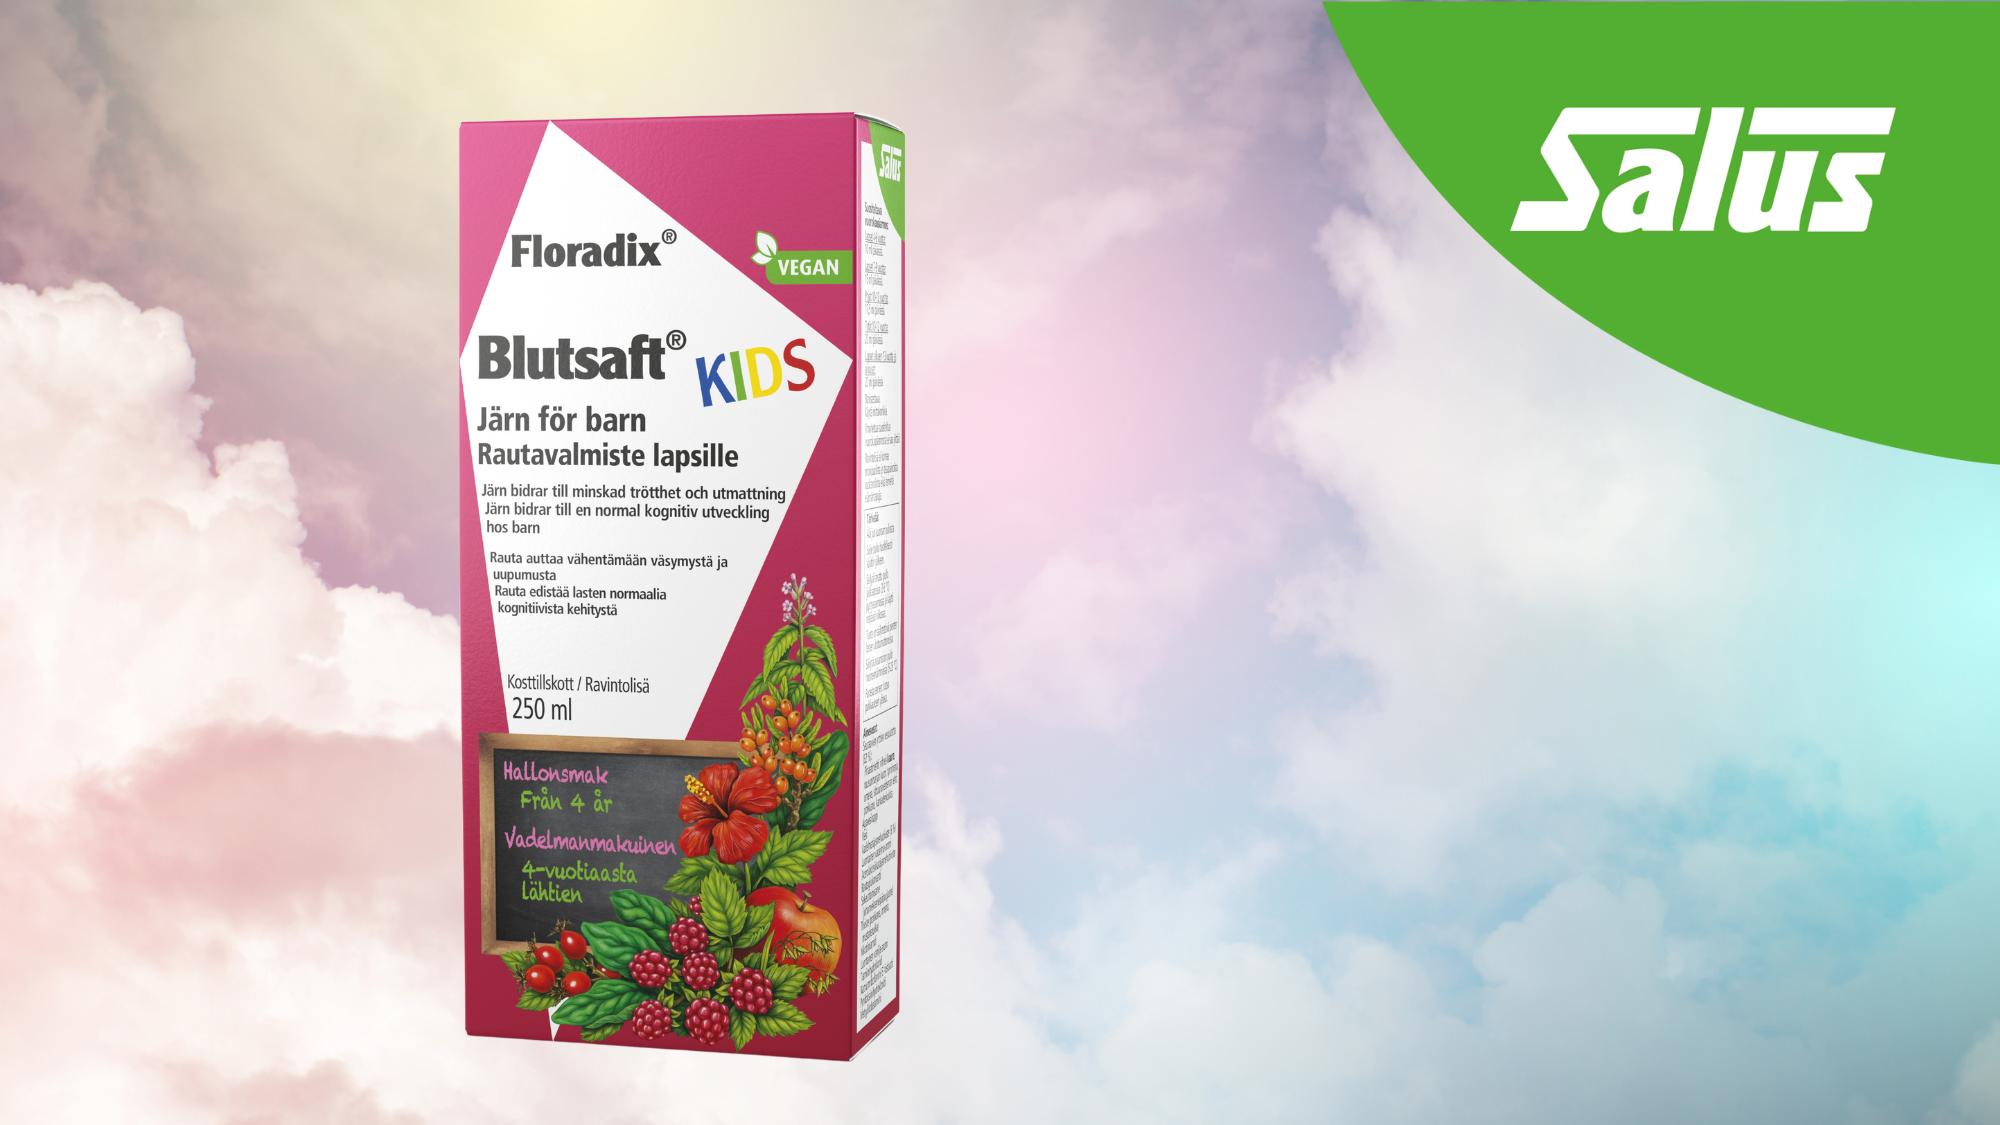 Uusi Salus Floradix Blutsaft Kids – vatsaystävällinen ja hyvänmakuinen rautavalmiste lapsille